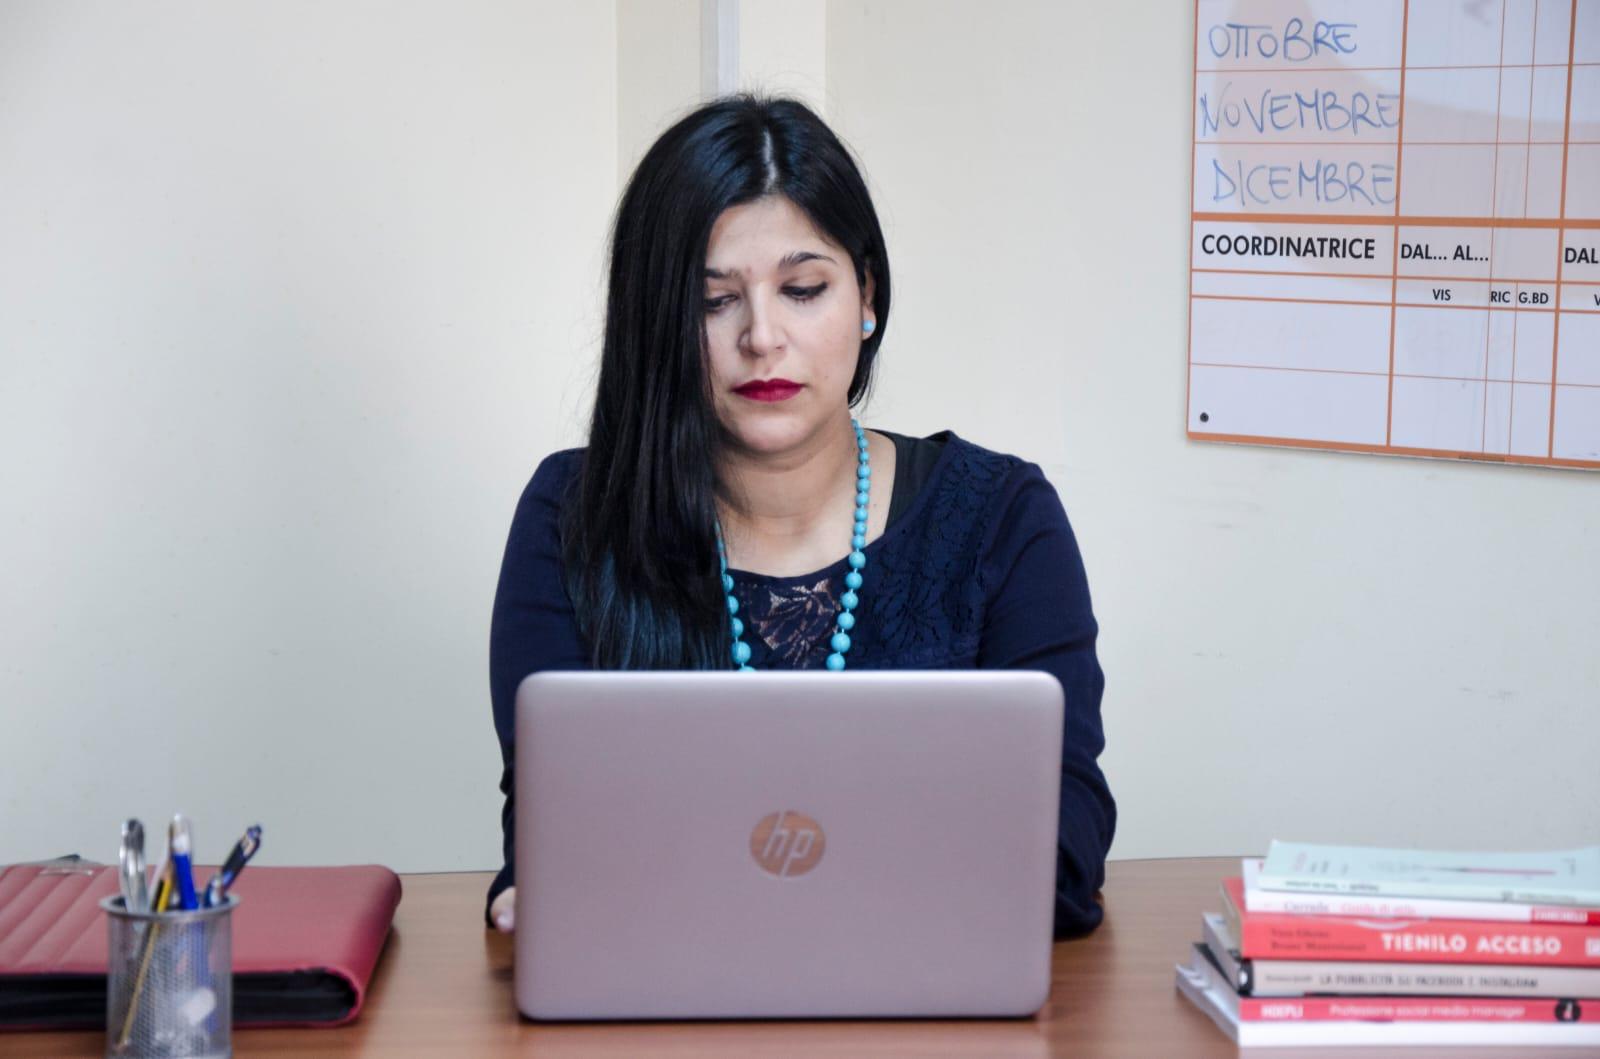 Martina Saiu Social media manager